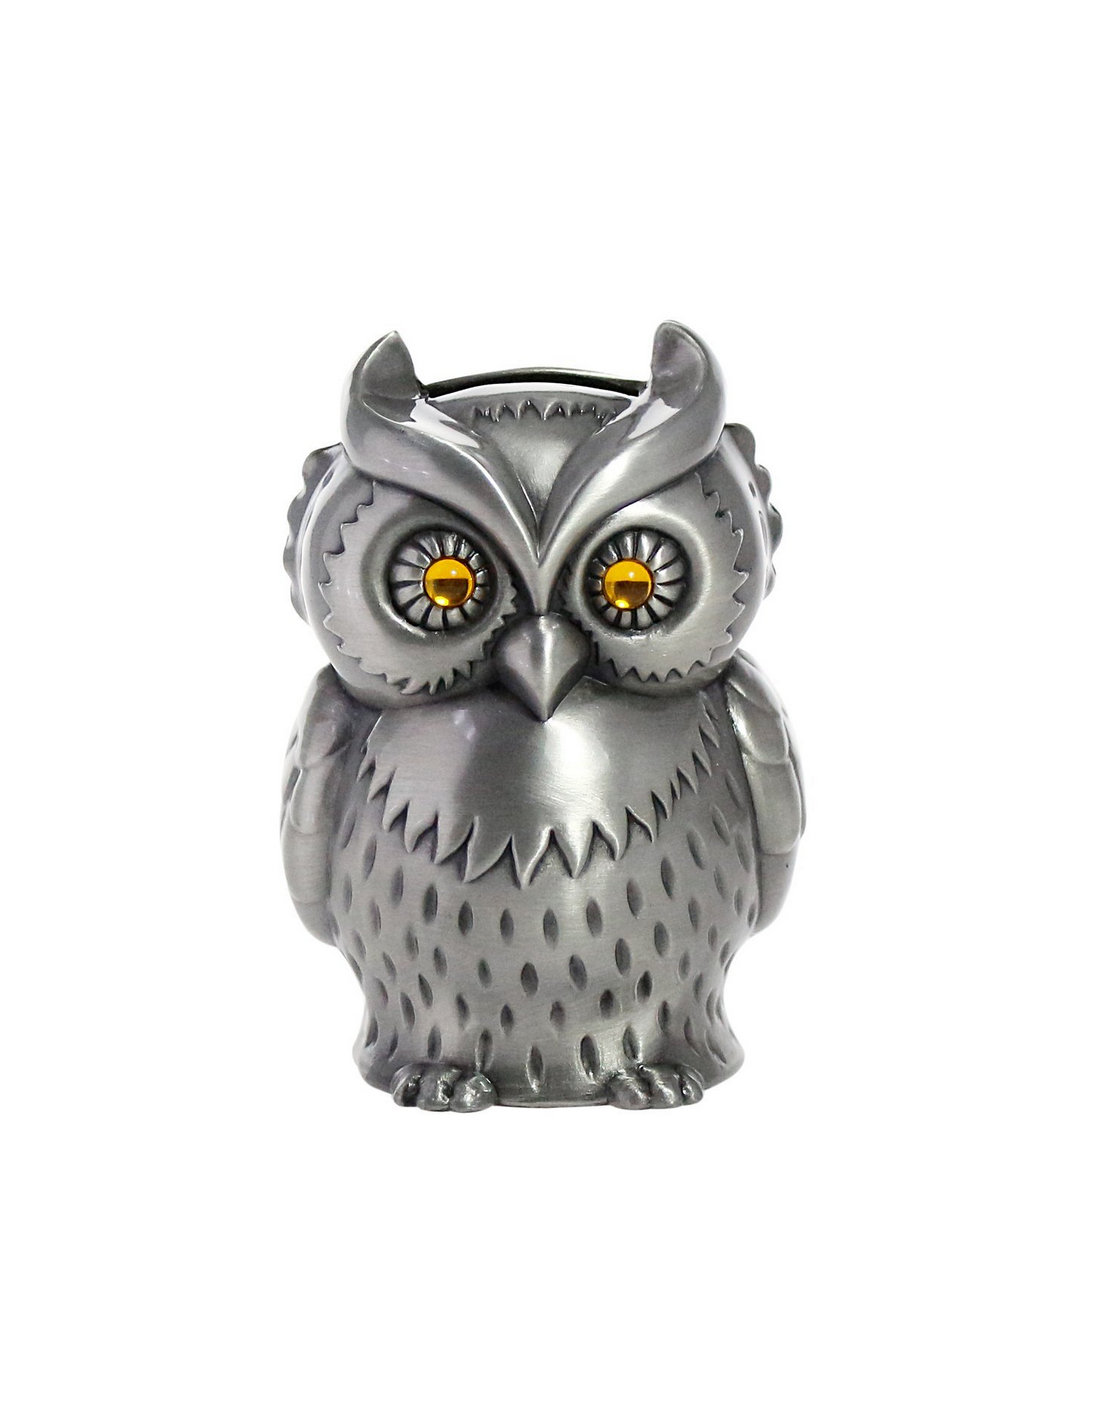 Vintage Engraved Metal Owl Bank